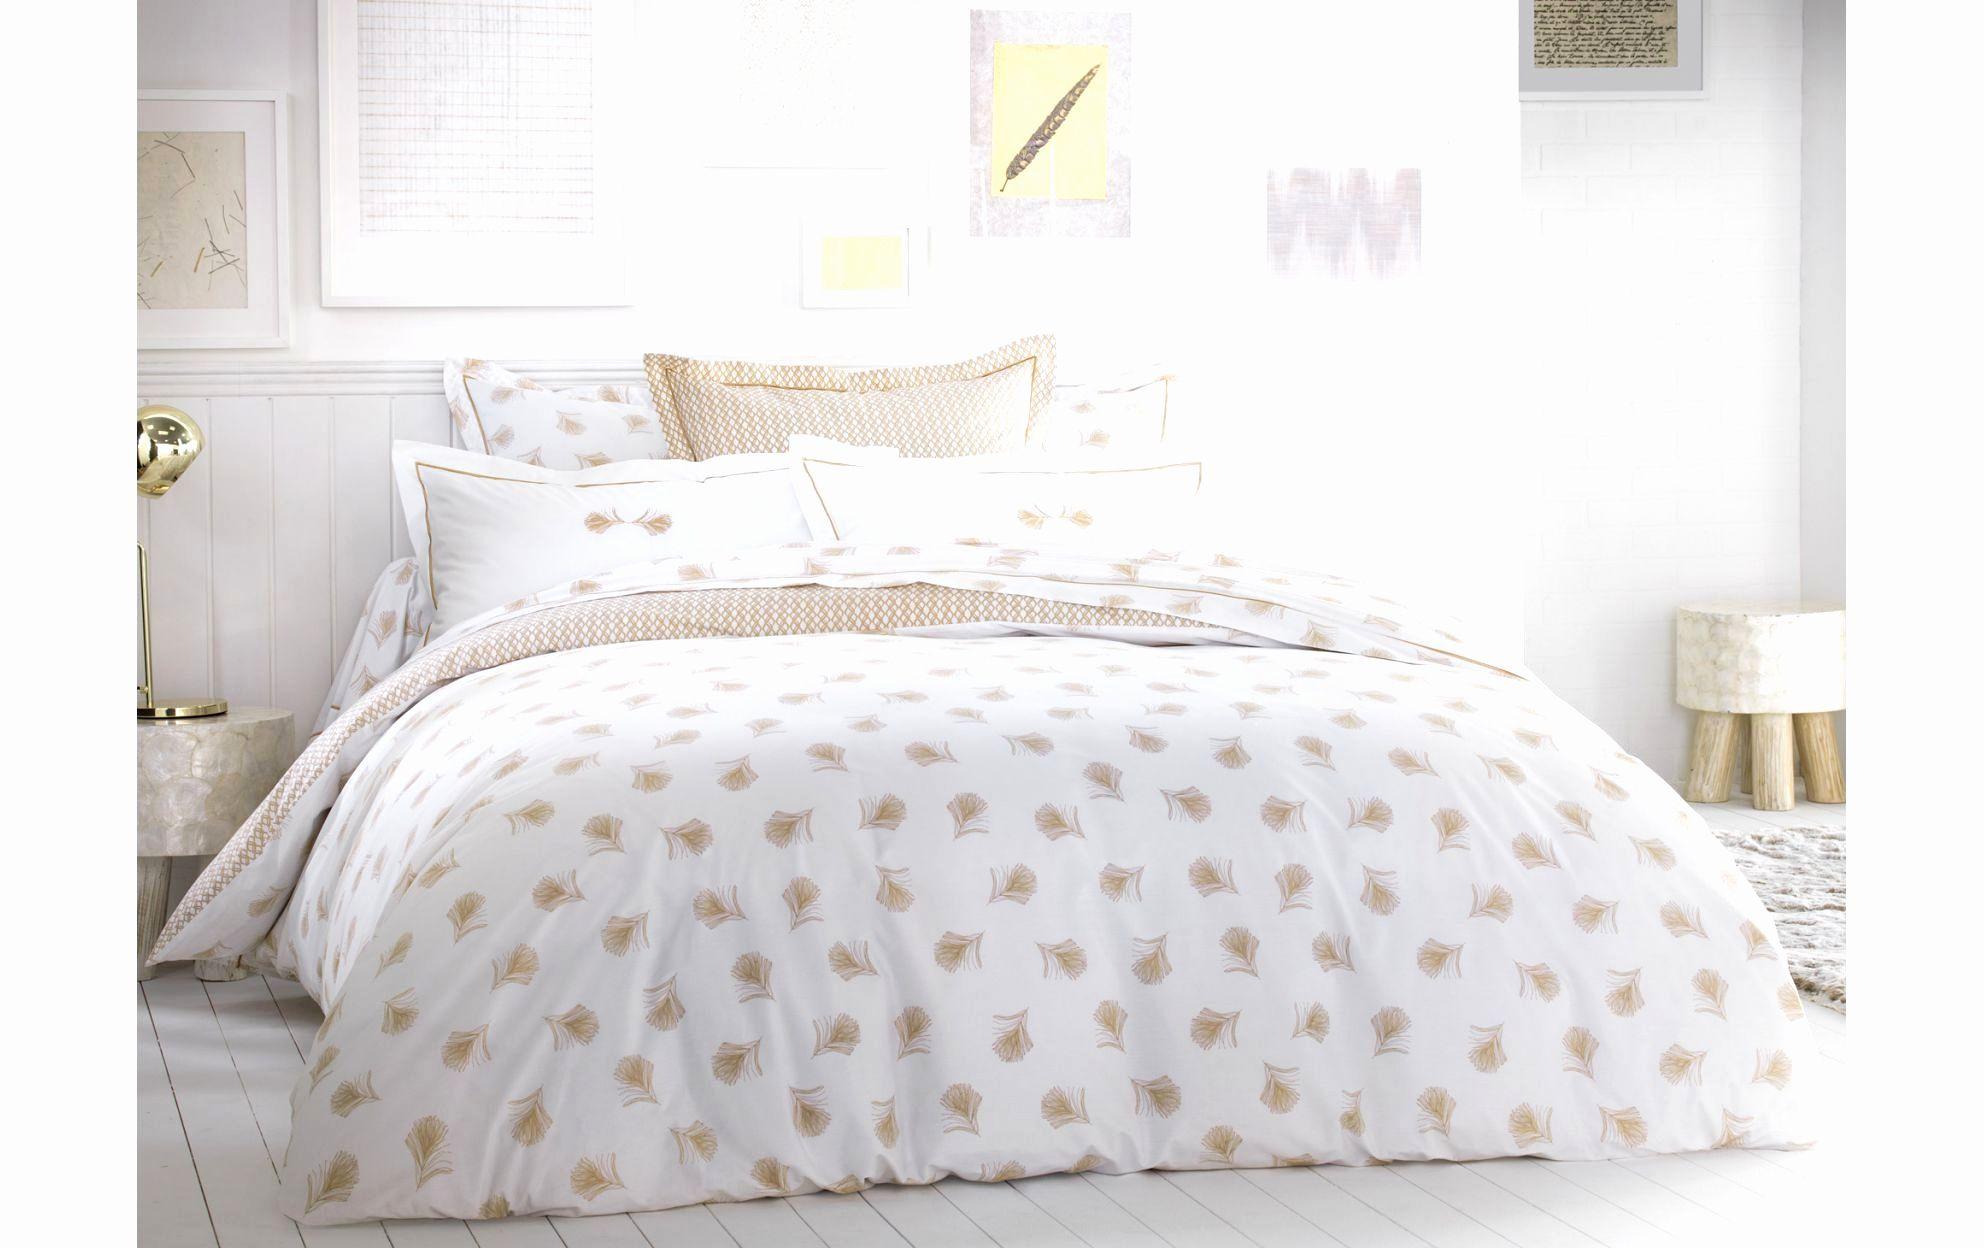 Housse De Couette New York 1 Personne Housse De Couette New York 1 Personne Housse De Couette New York 1 Personne En Solde Un Cho Bed Linen Bedding Furniture